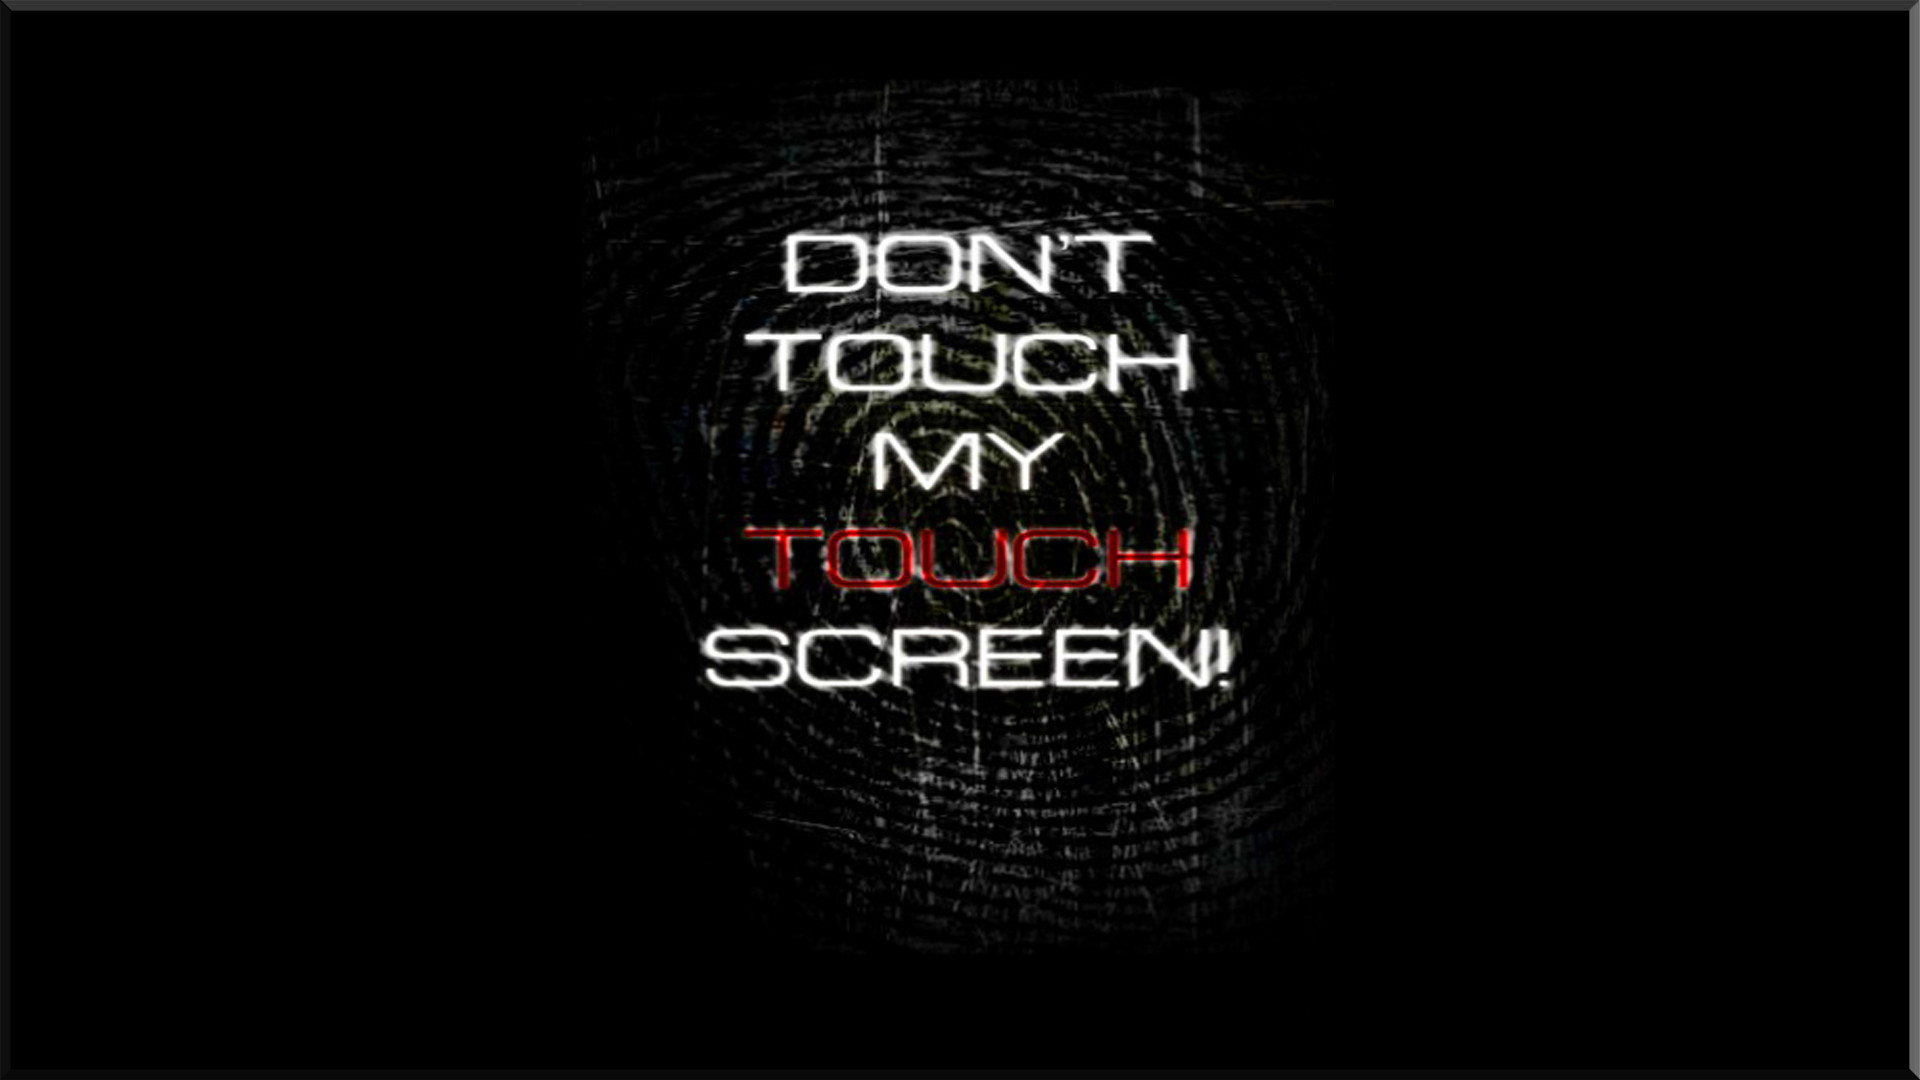 Don't Touch My Screen Fondos de pantalla, Fondos de escritorio .